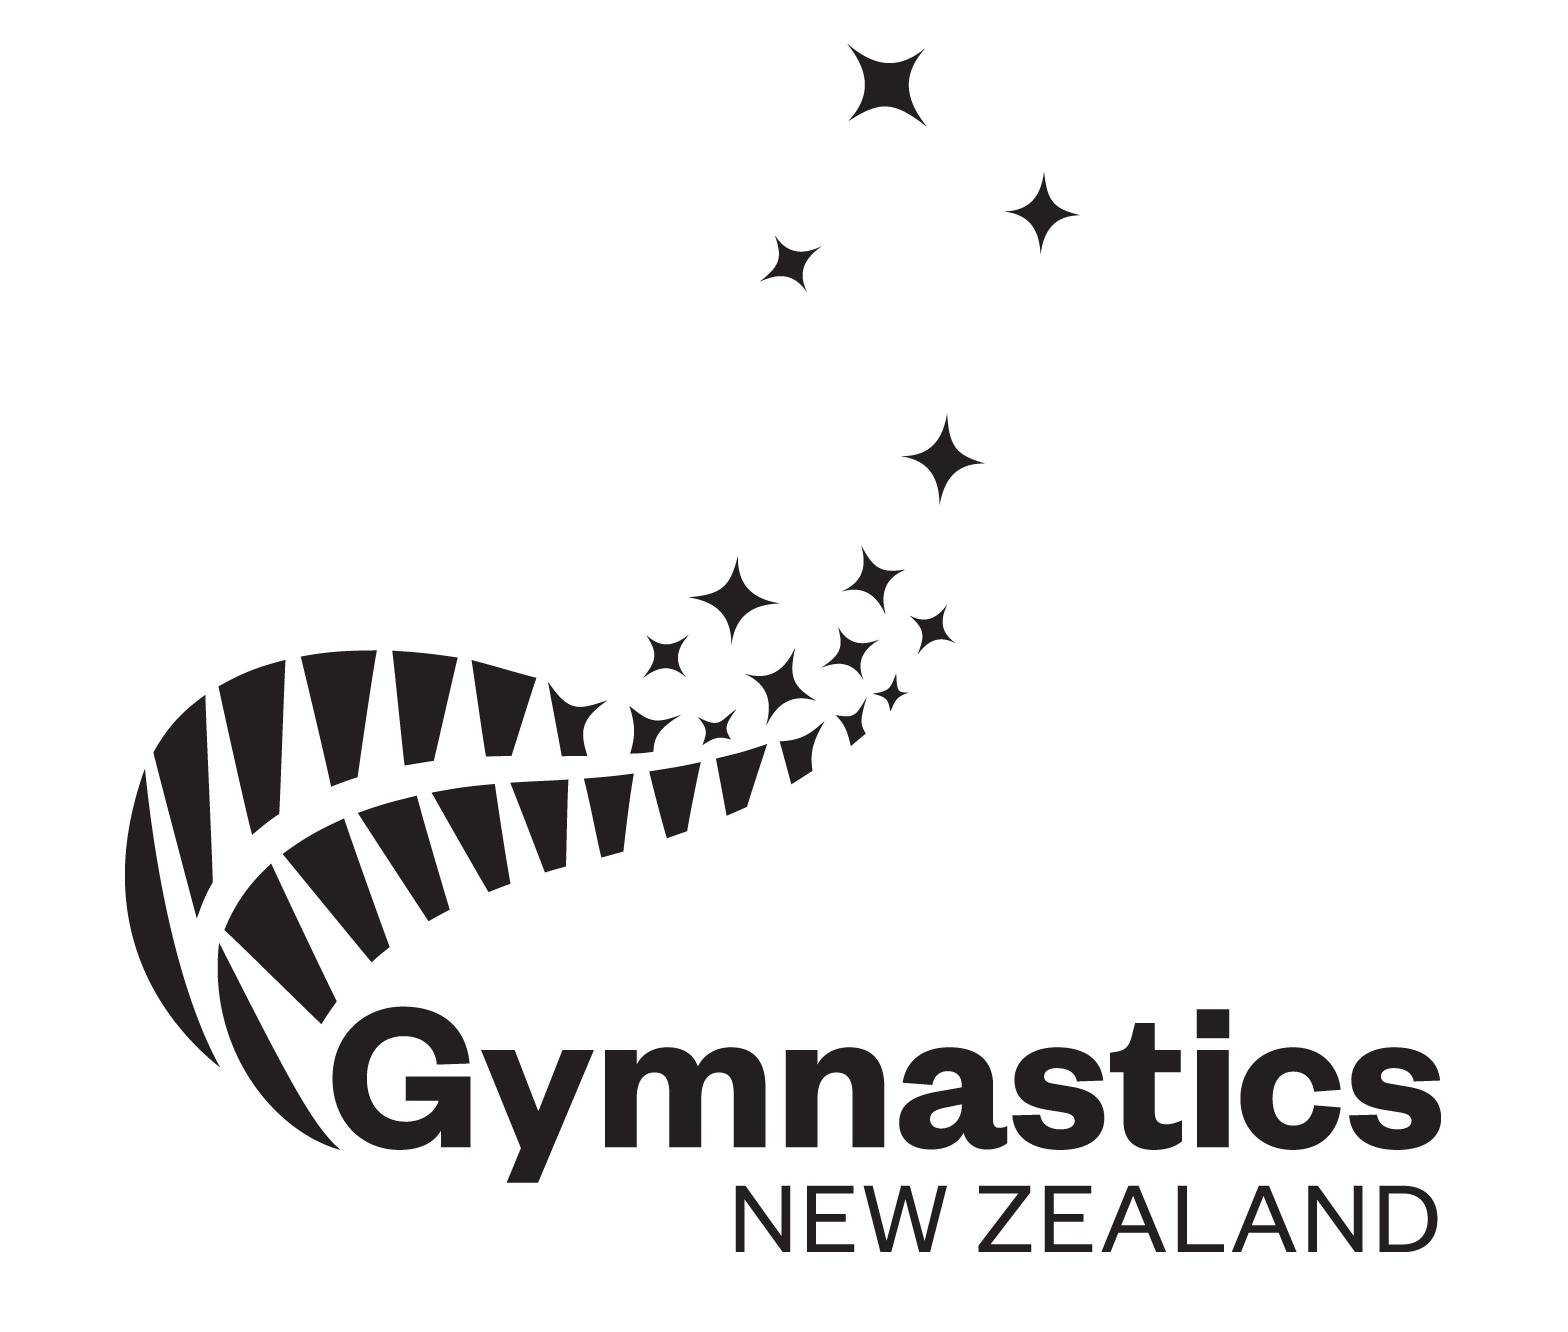 GymnasticsNZ